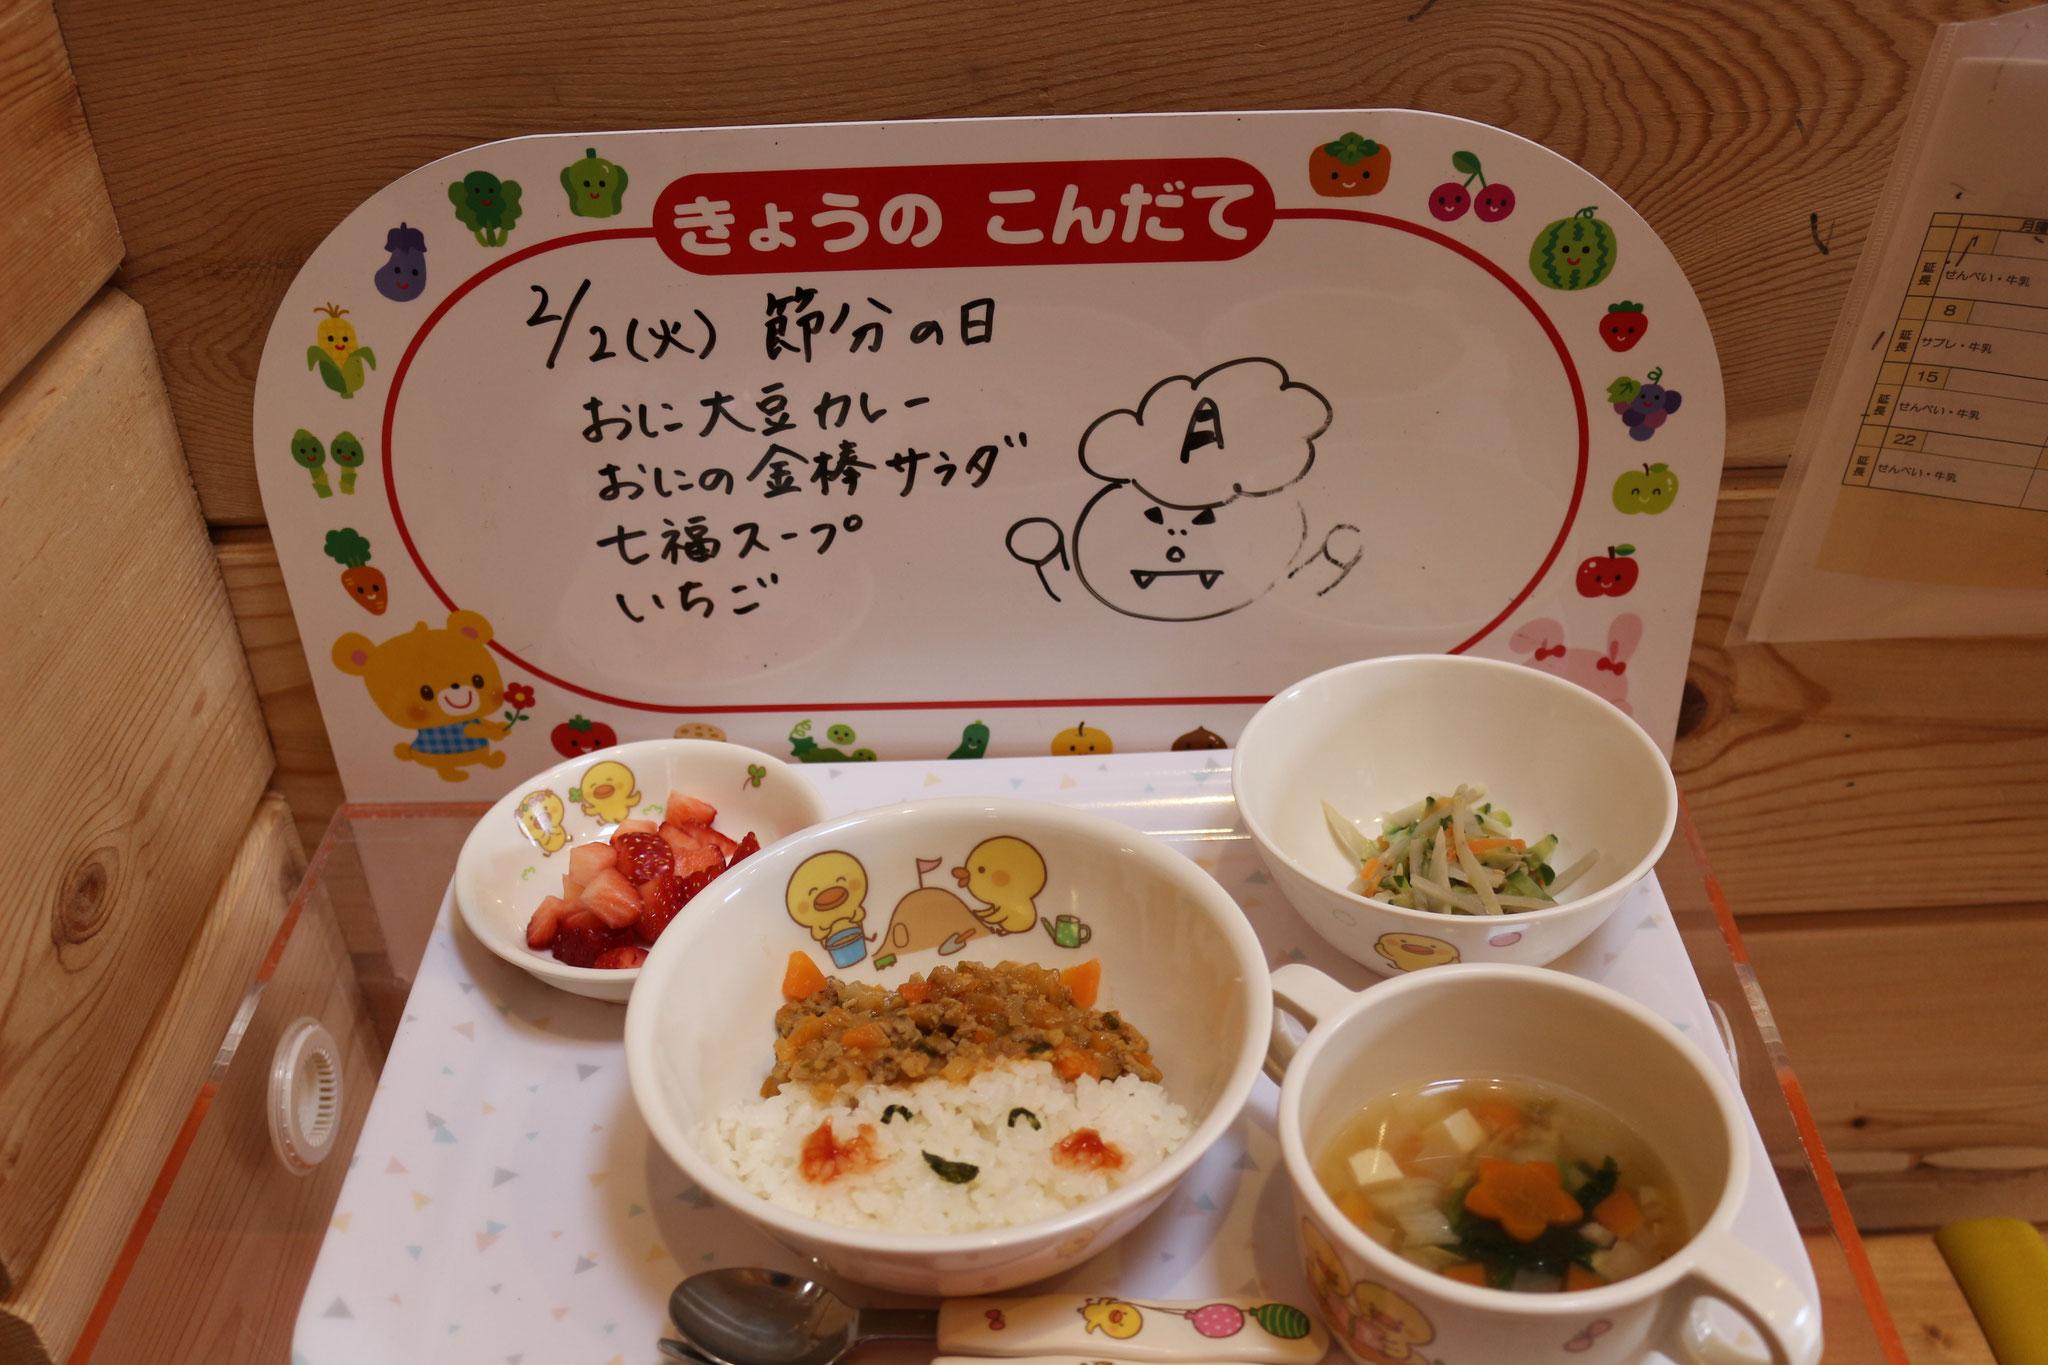 最後は美味しく食べちゃいました